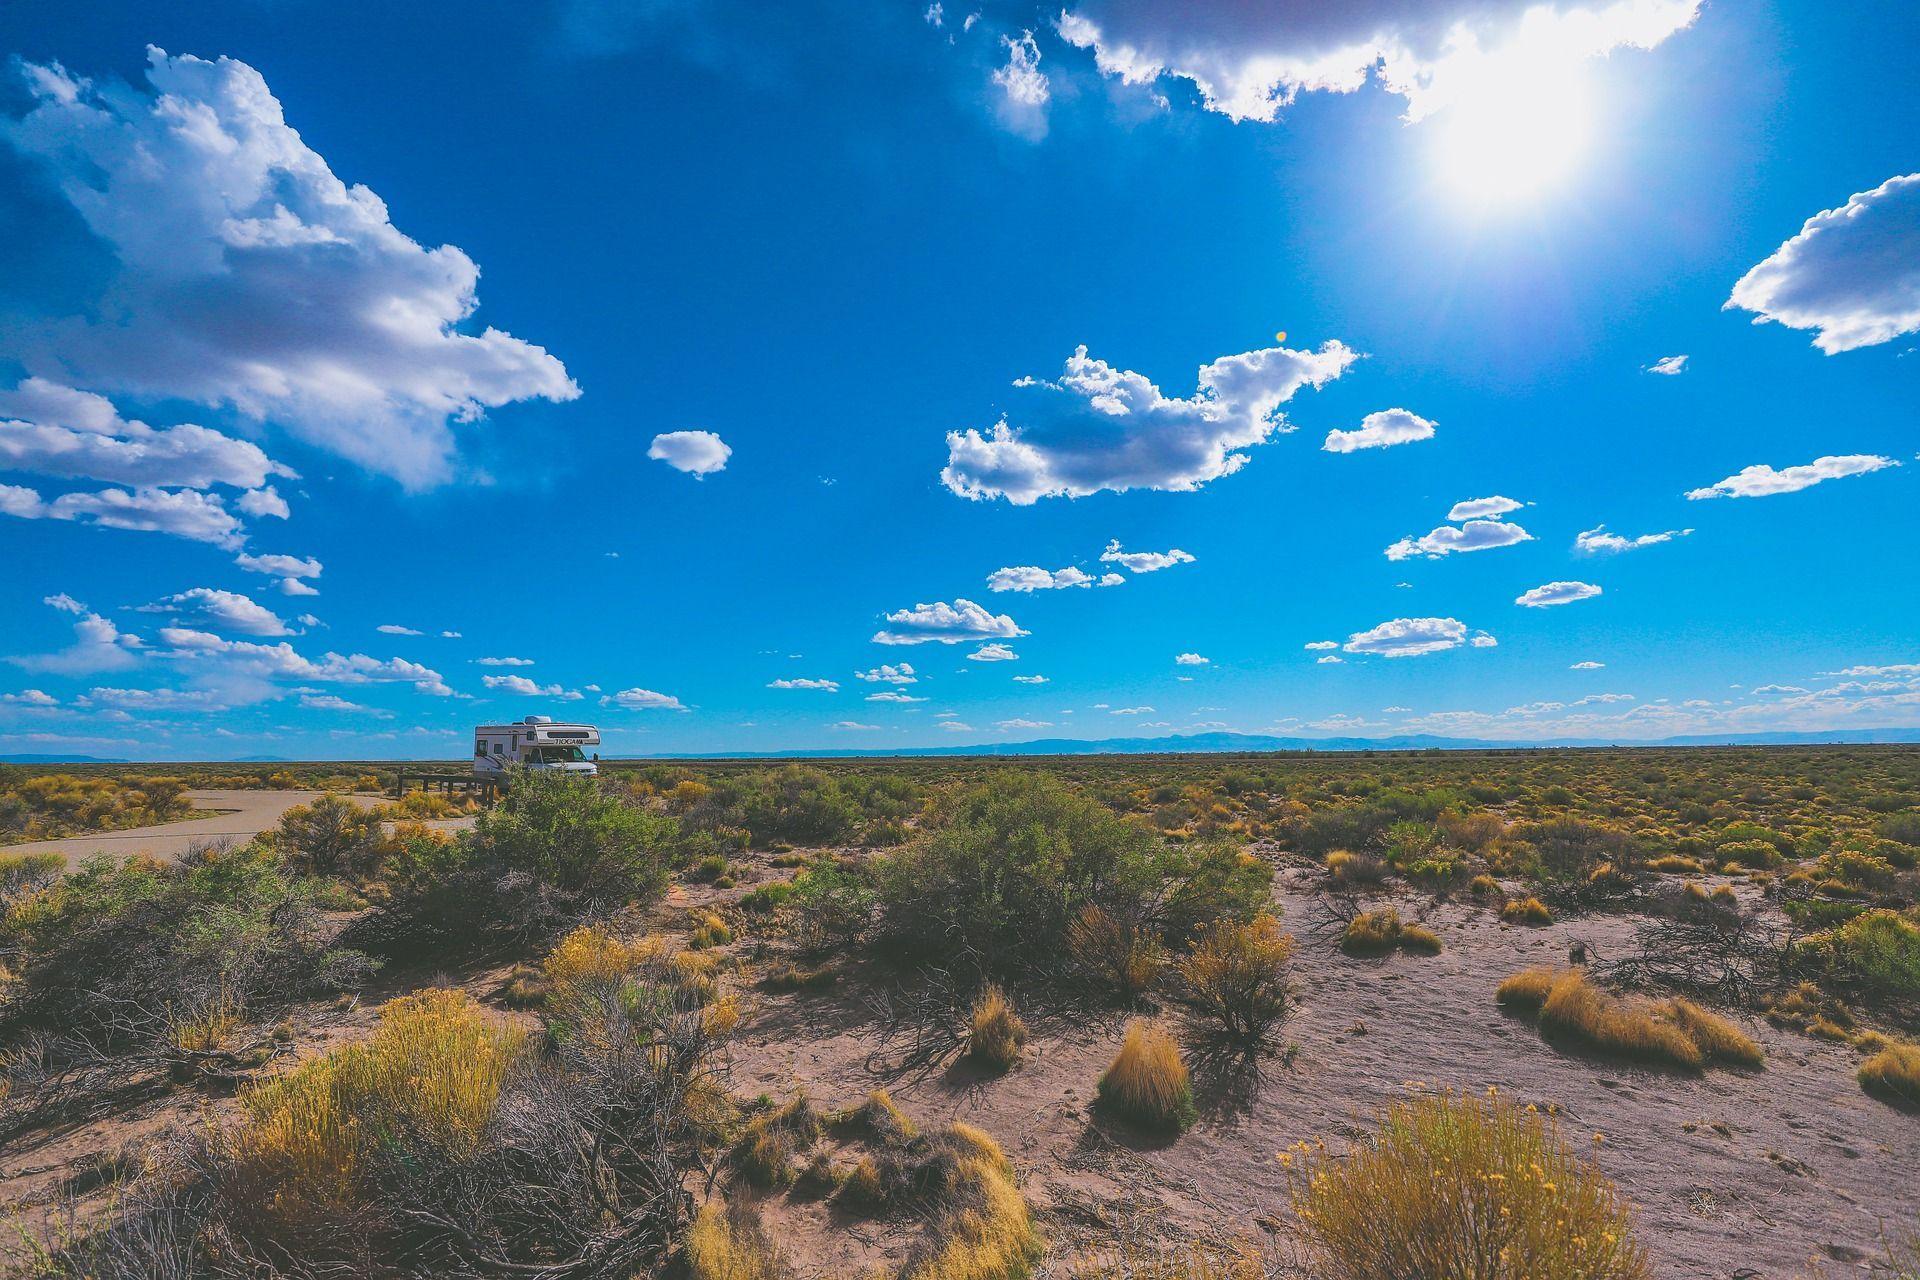 An RV in the desert